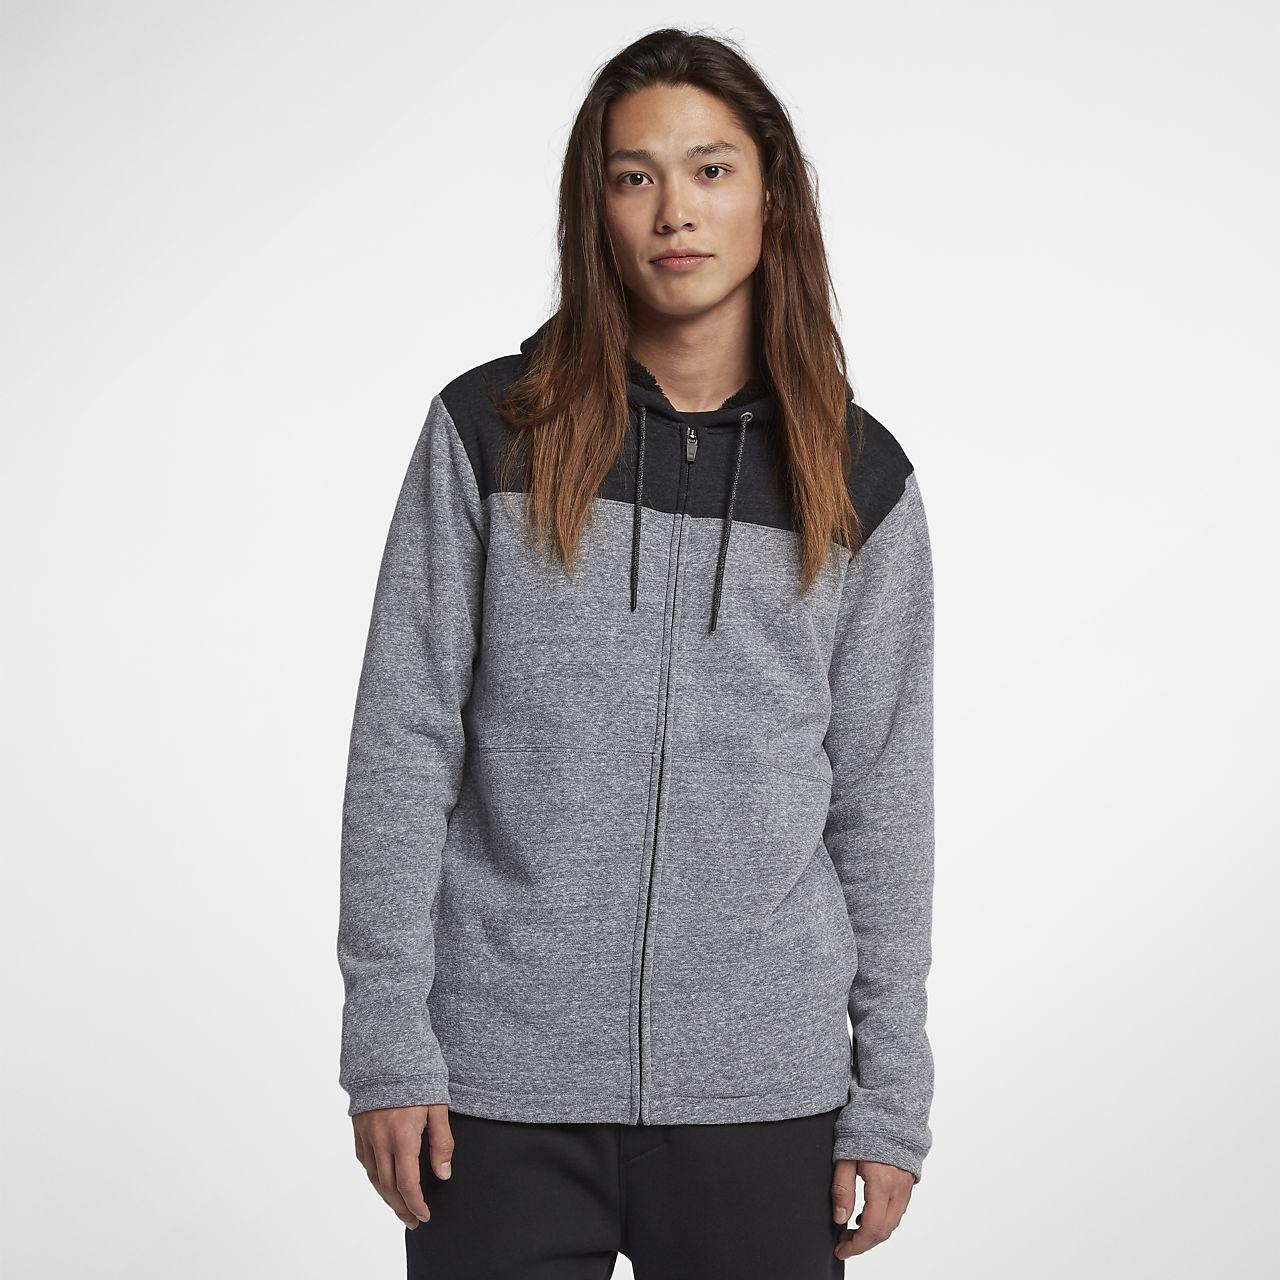 Nike Womens Hoodie - Nike Hurley One And Only Fleece Full-Zip Q73n3121